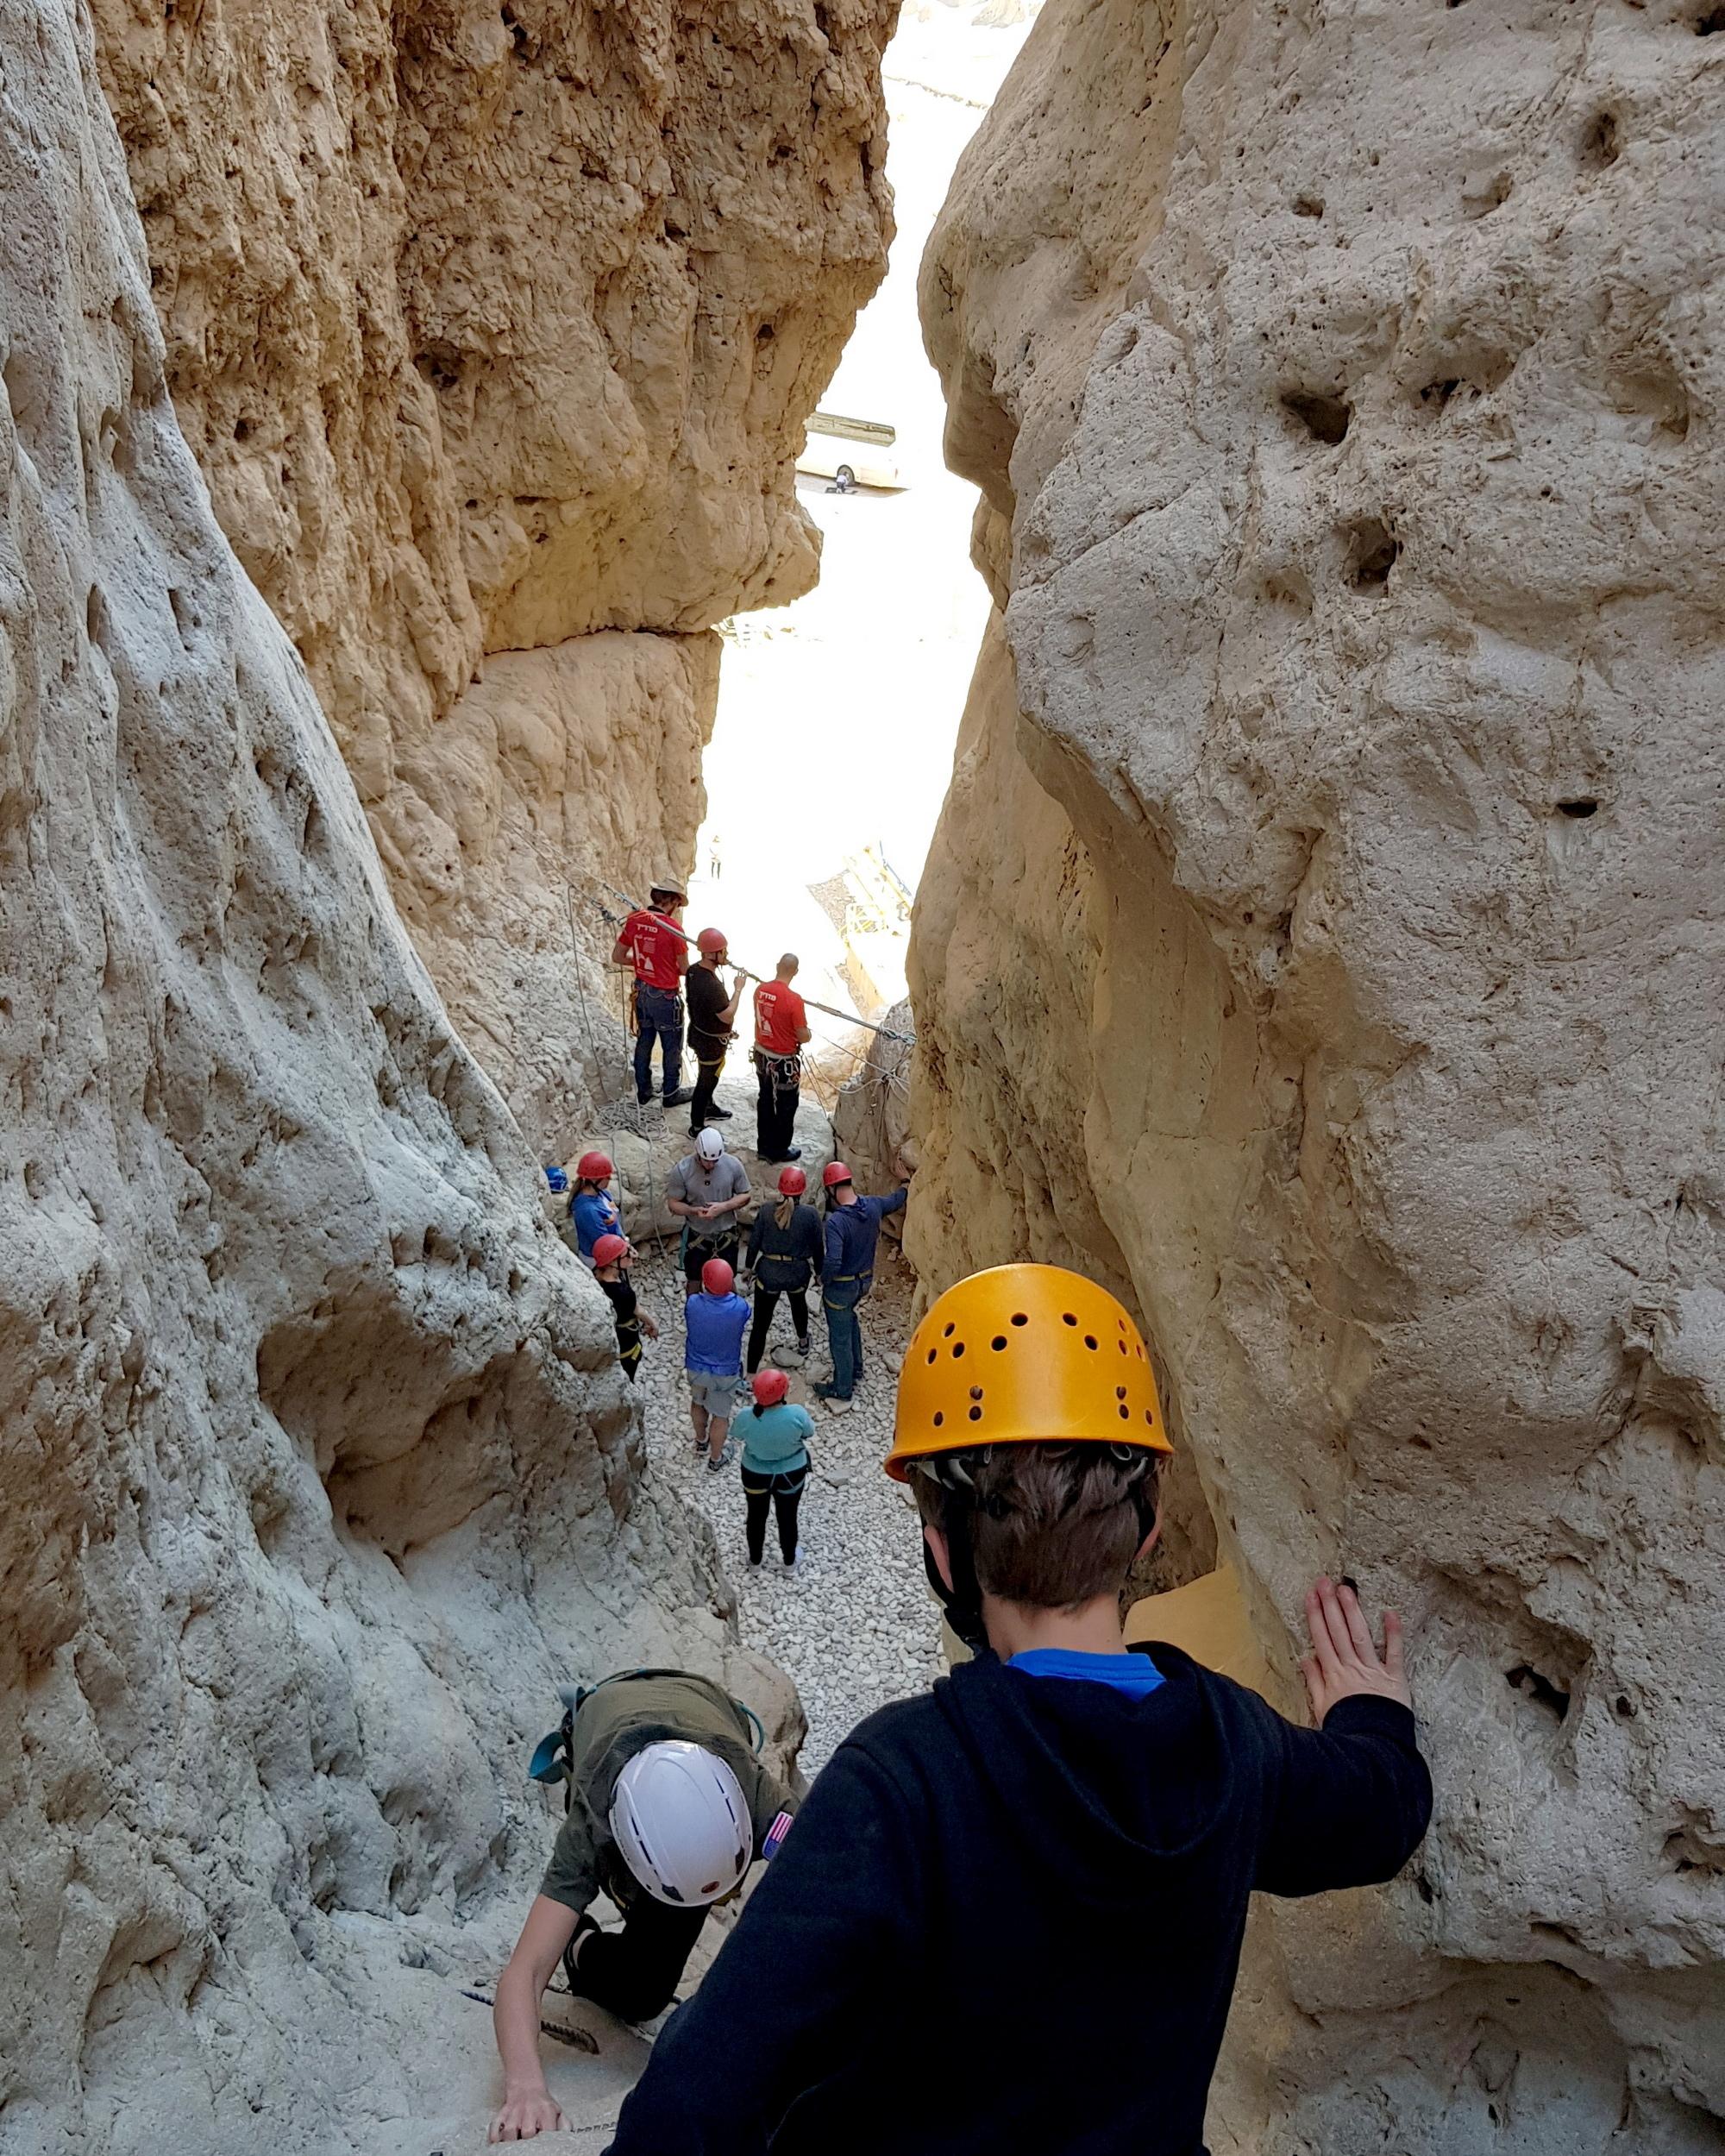 סנפלינג מסע הורים בני מצווה - נחל תמר - ערוצים בטבע